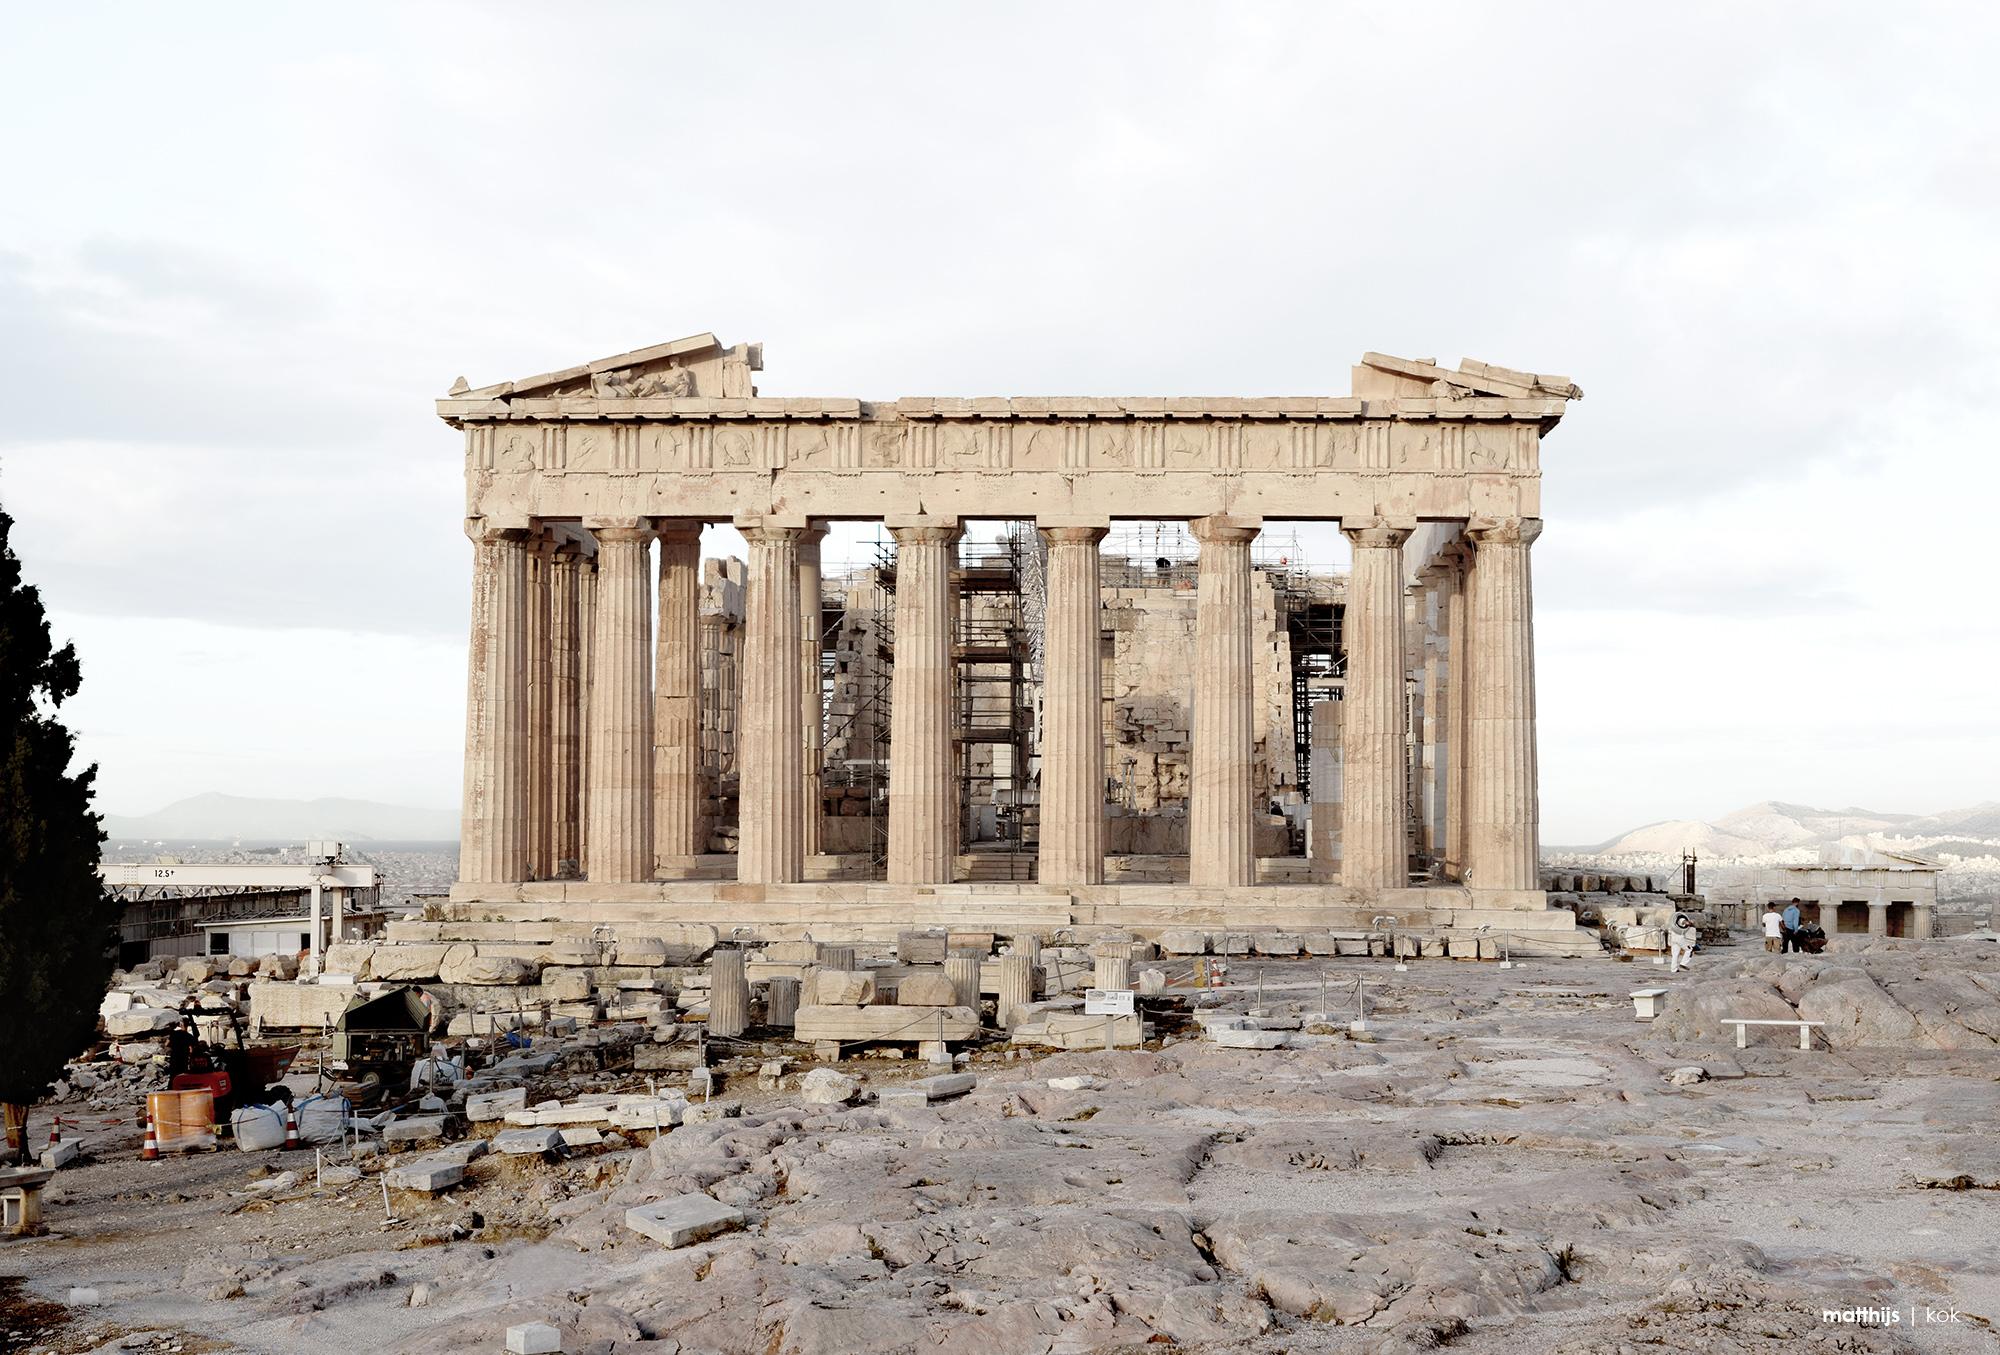 Parthenon, Athens, Greece | Photo by Matthijs Kok